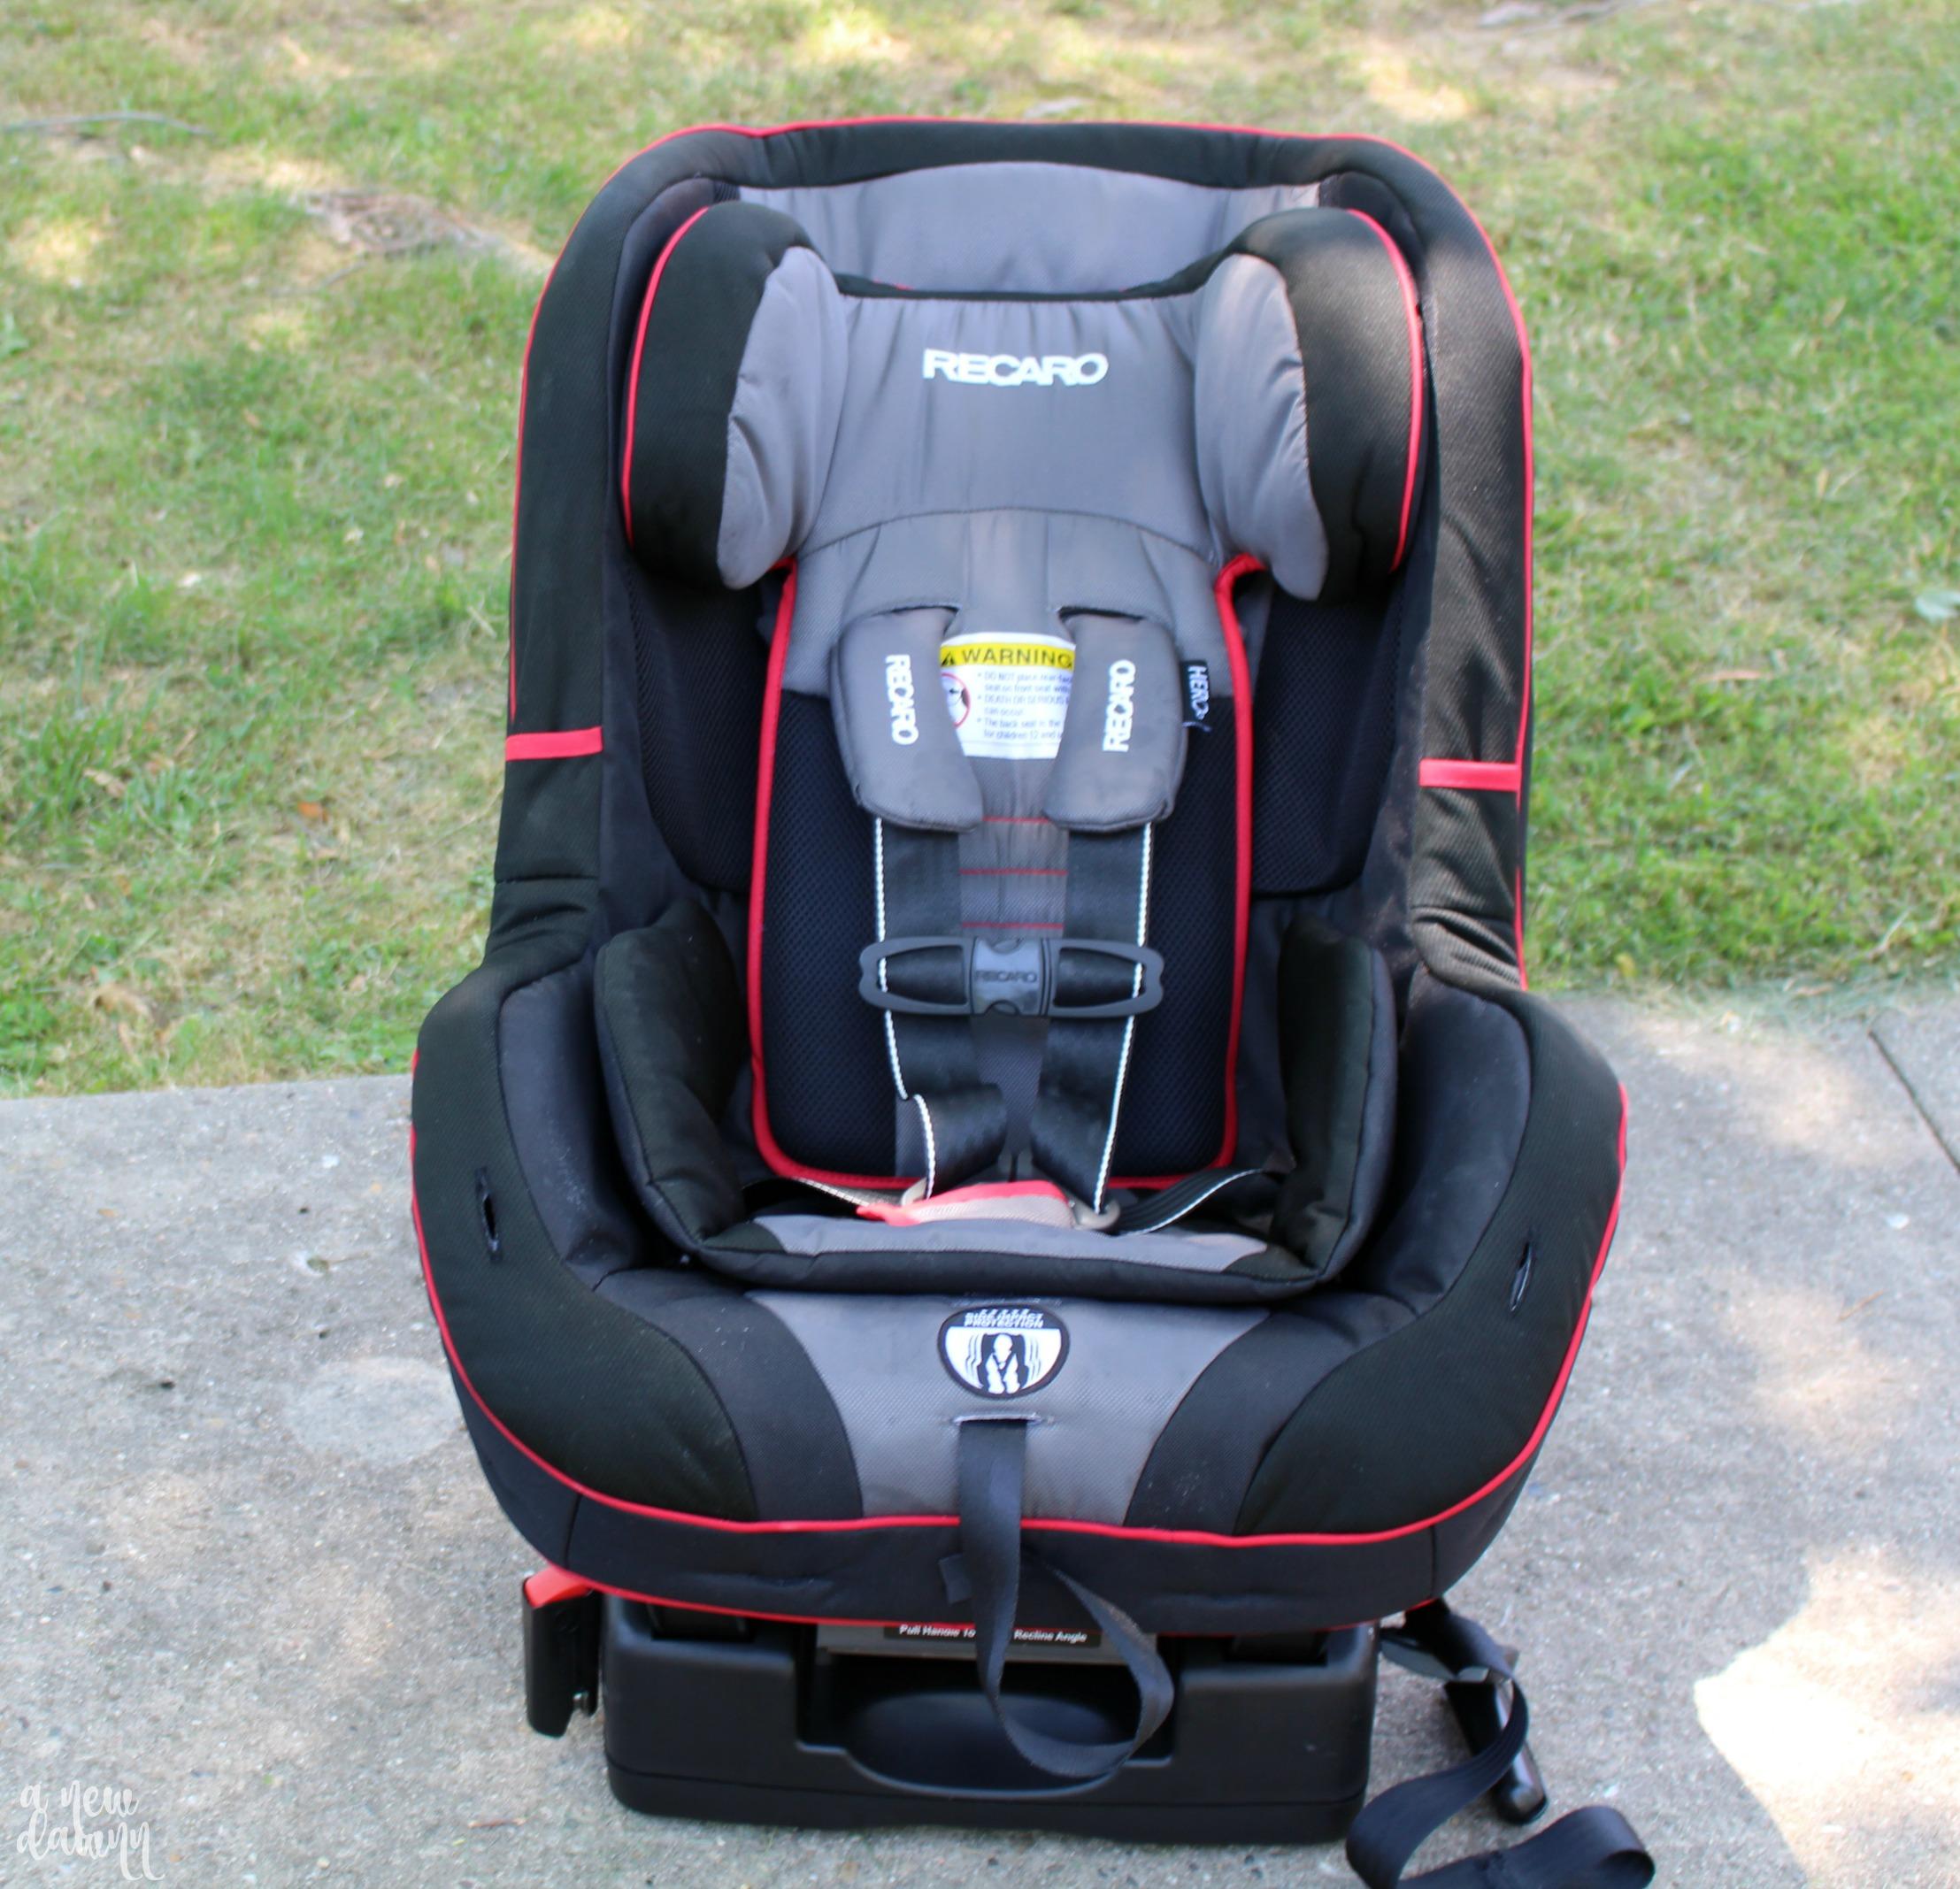 Recaro-Roadster-Car-Seat